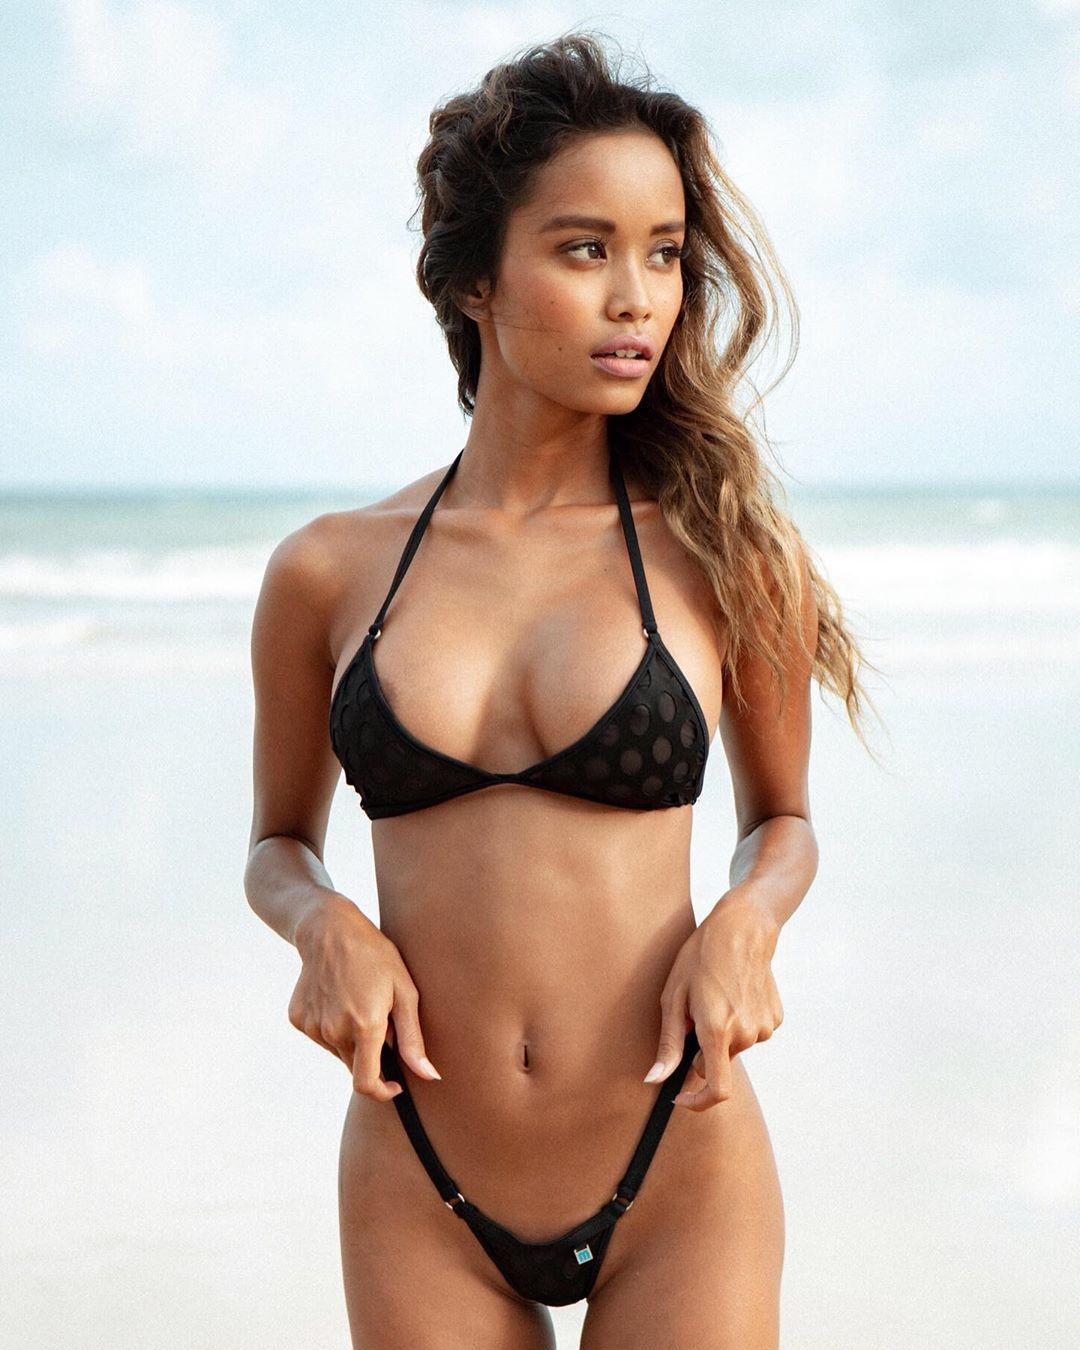 Model naked indo porn